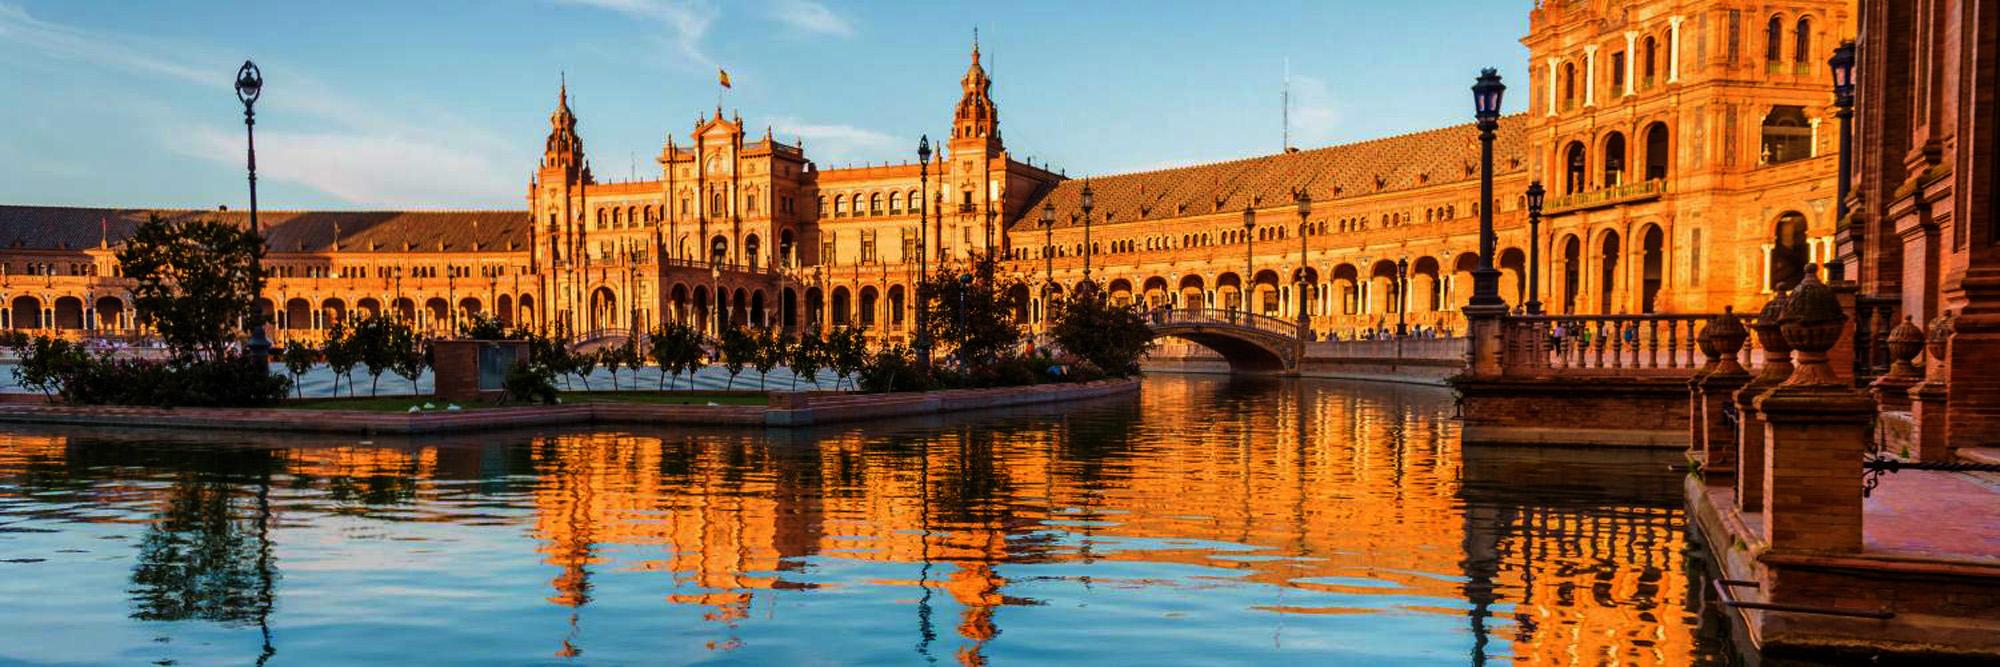 Plaza de España-Sevilla